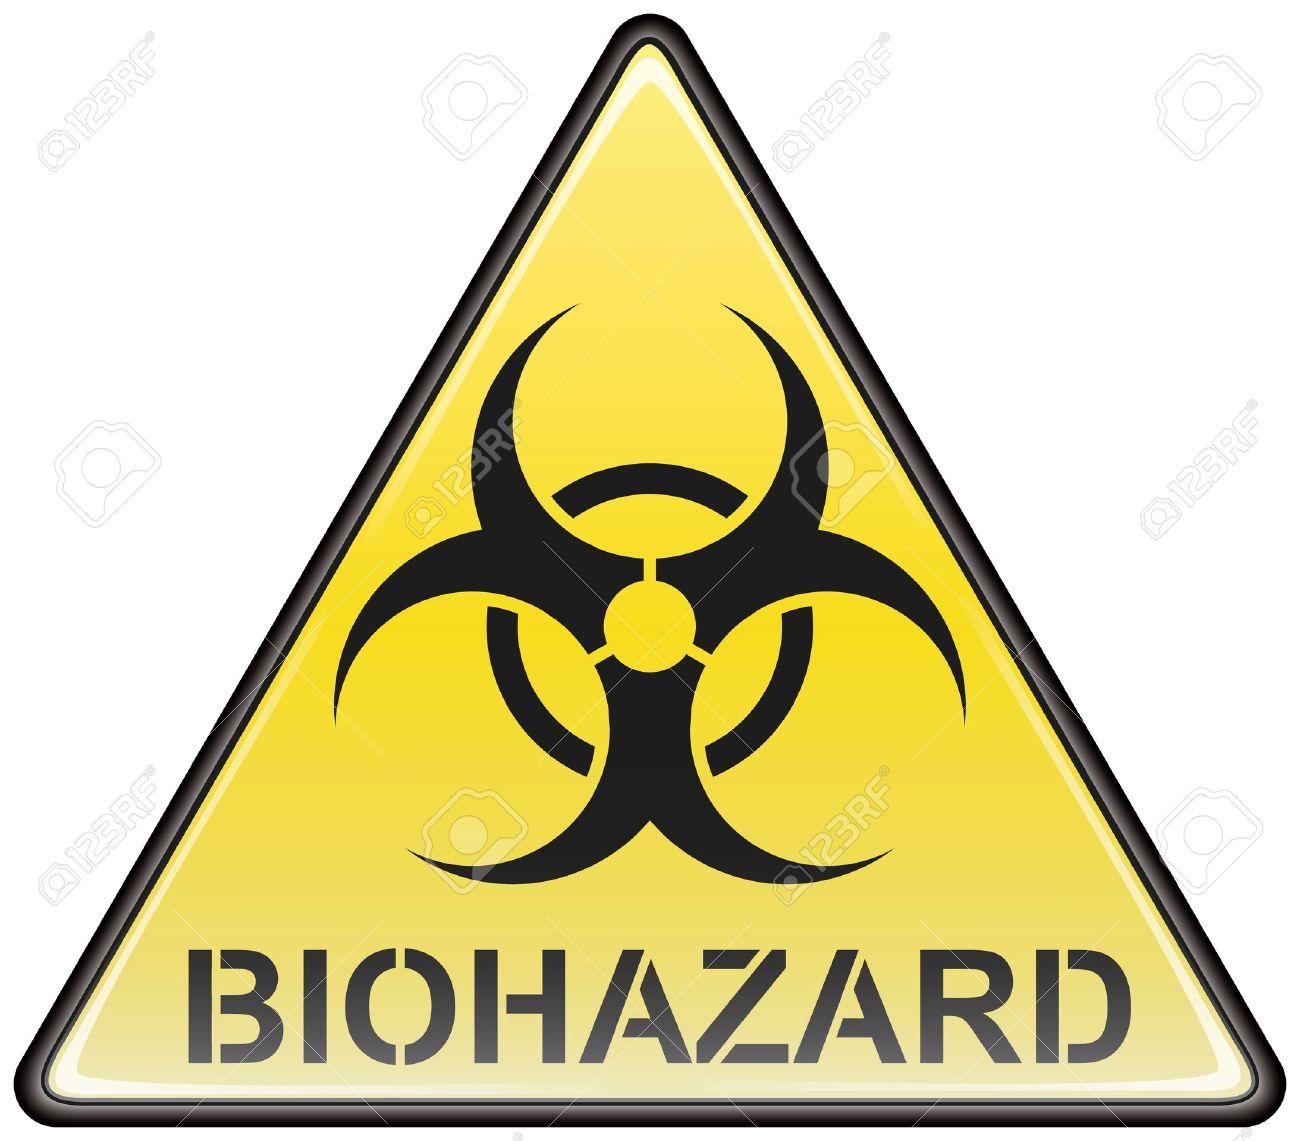 Biohazard vector triangle sign Stock Vector - 8504309